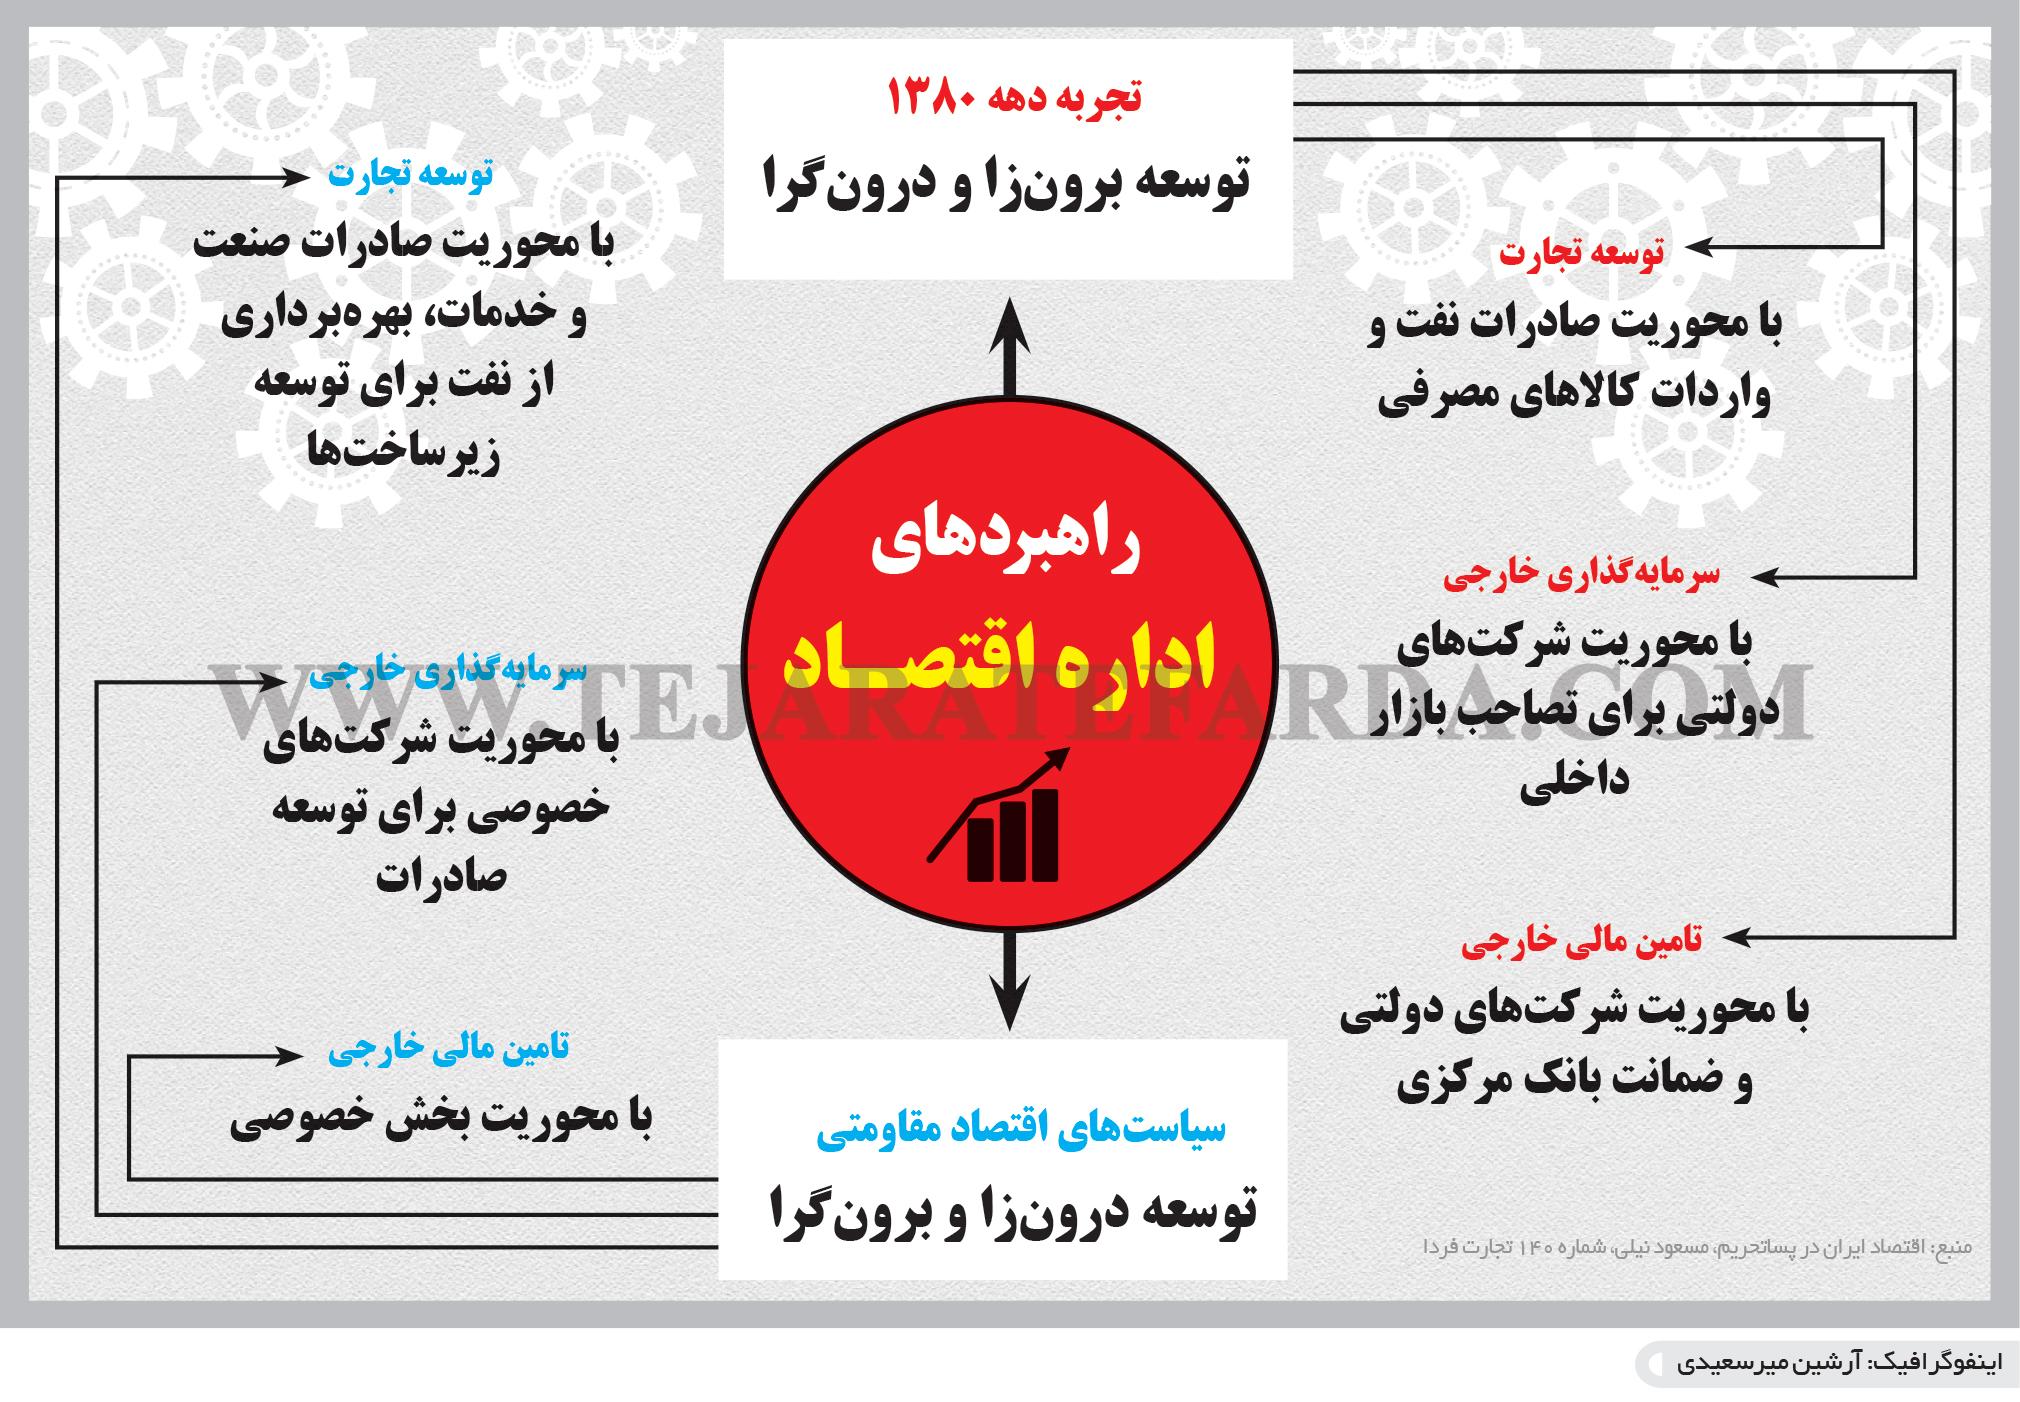 تجارت فردا- اینفوگرافیک- راهبردهای  اداره اقتصـاد